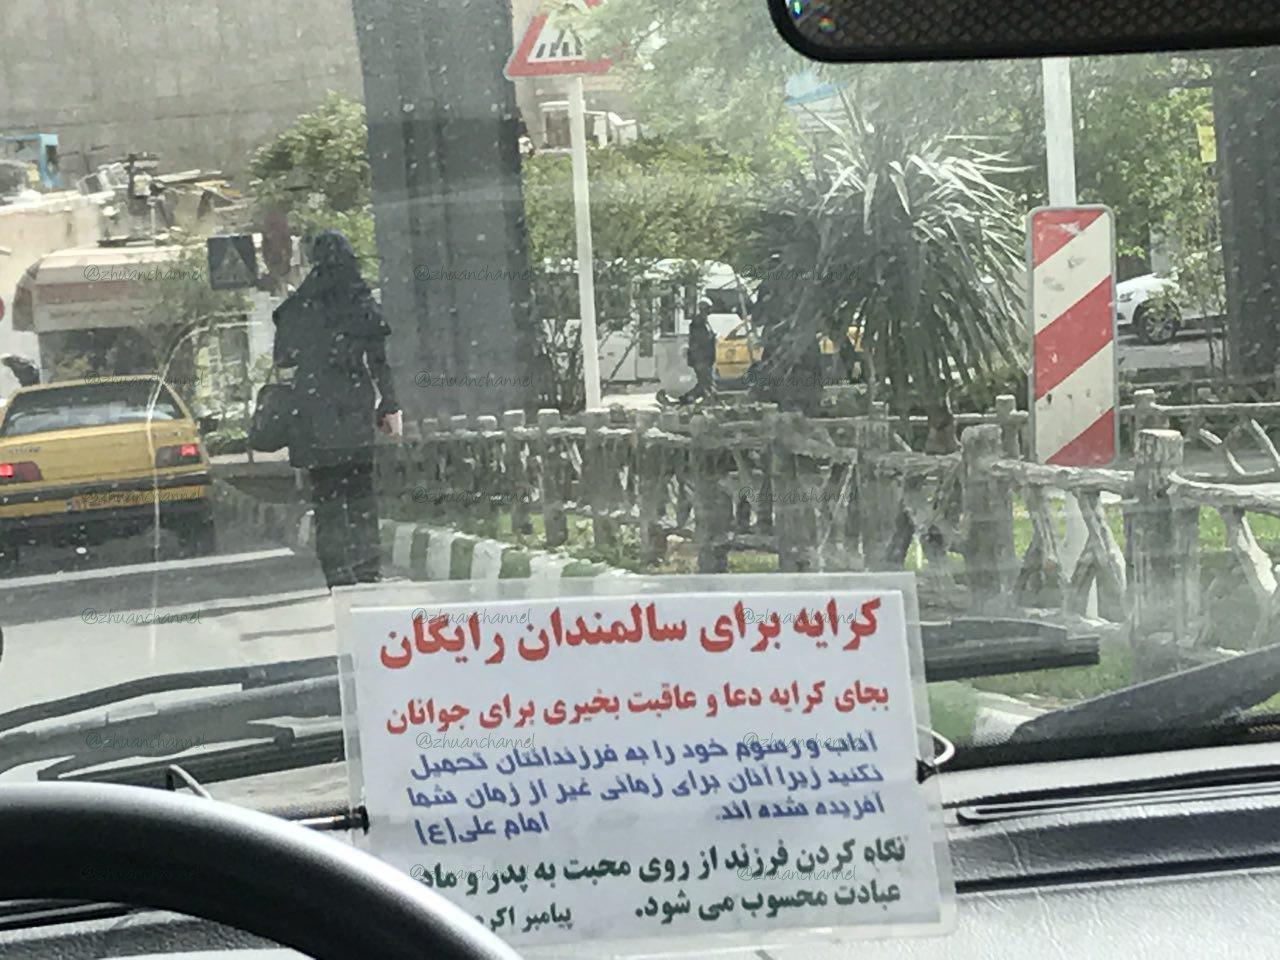 اقدام تحسینبرانگیز یک راننده تاکسی +عکس